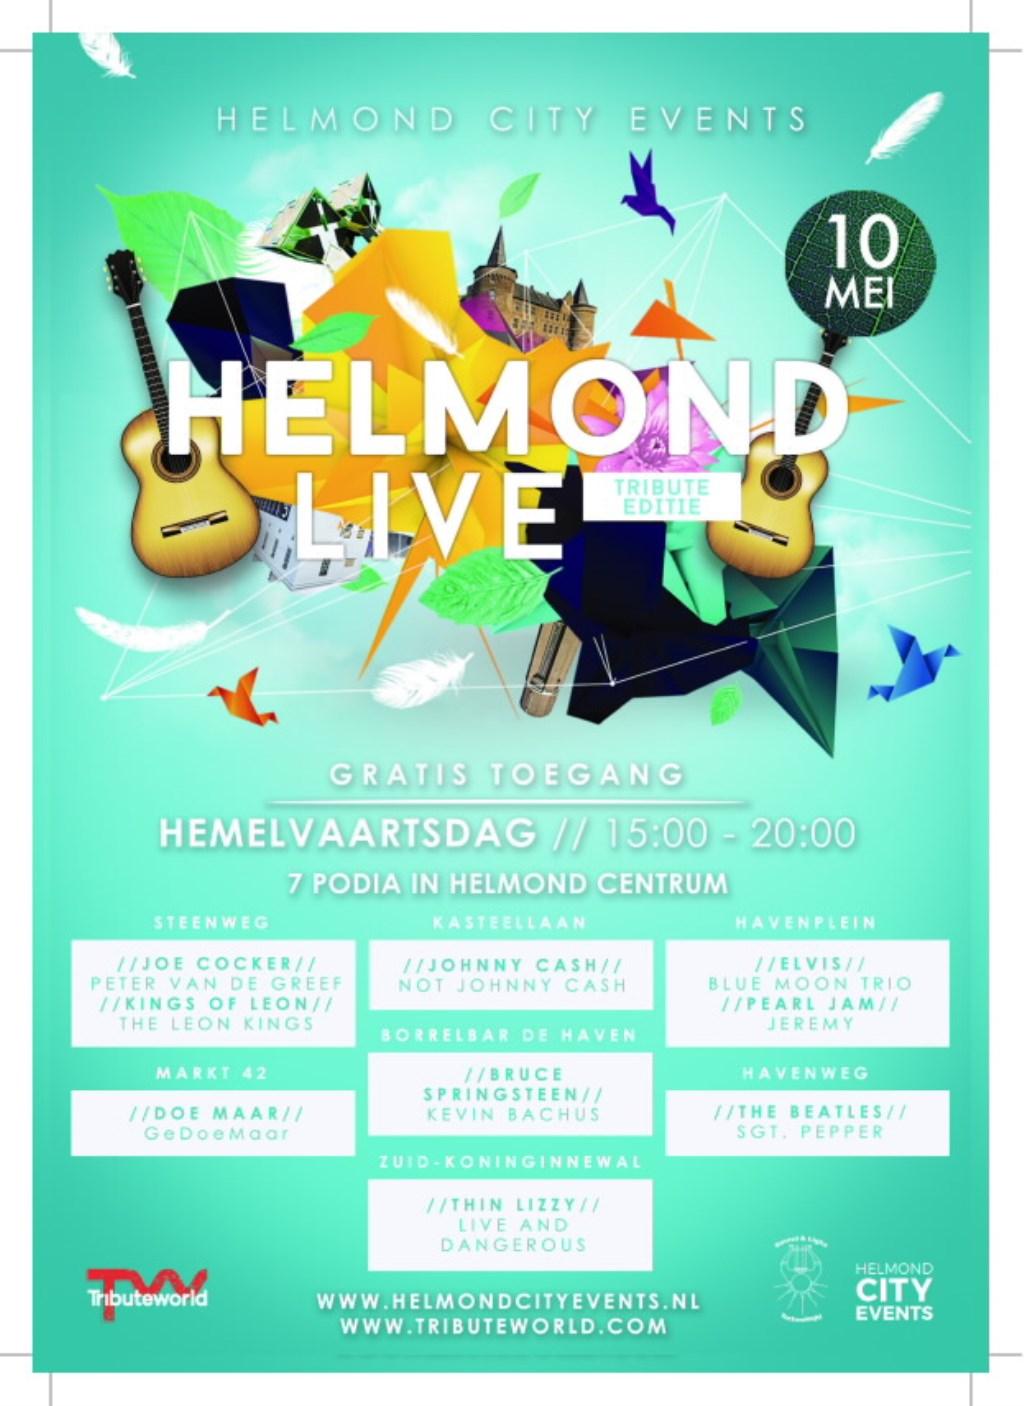 Helmond Live is een nieuw muziekfestival in Helmond. De eerste editie is op donderdag 10 mei. Daarna volgen er nog drie: op 12, 19 en 26 mei.